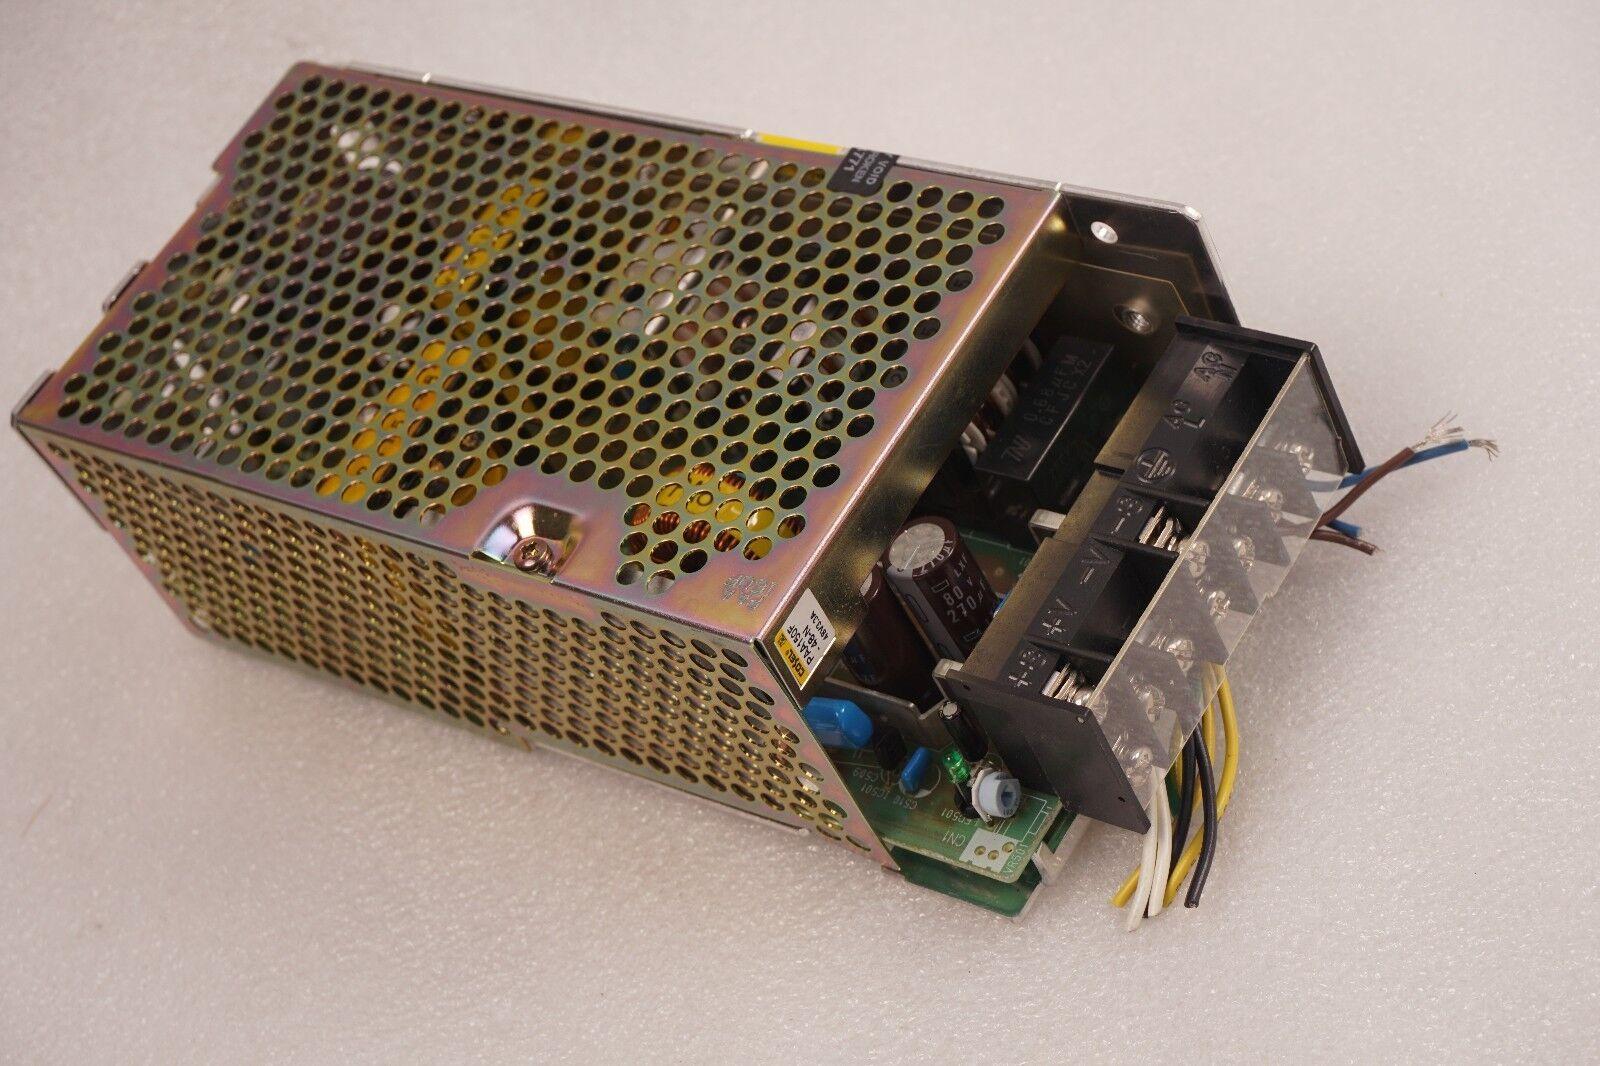 Cosel paa150f-48-n paa150f-48-n paa150f-48-n fuente de alimentación prueba de trabajo libre Envío Gratis 64bd62